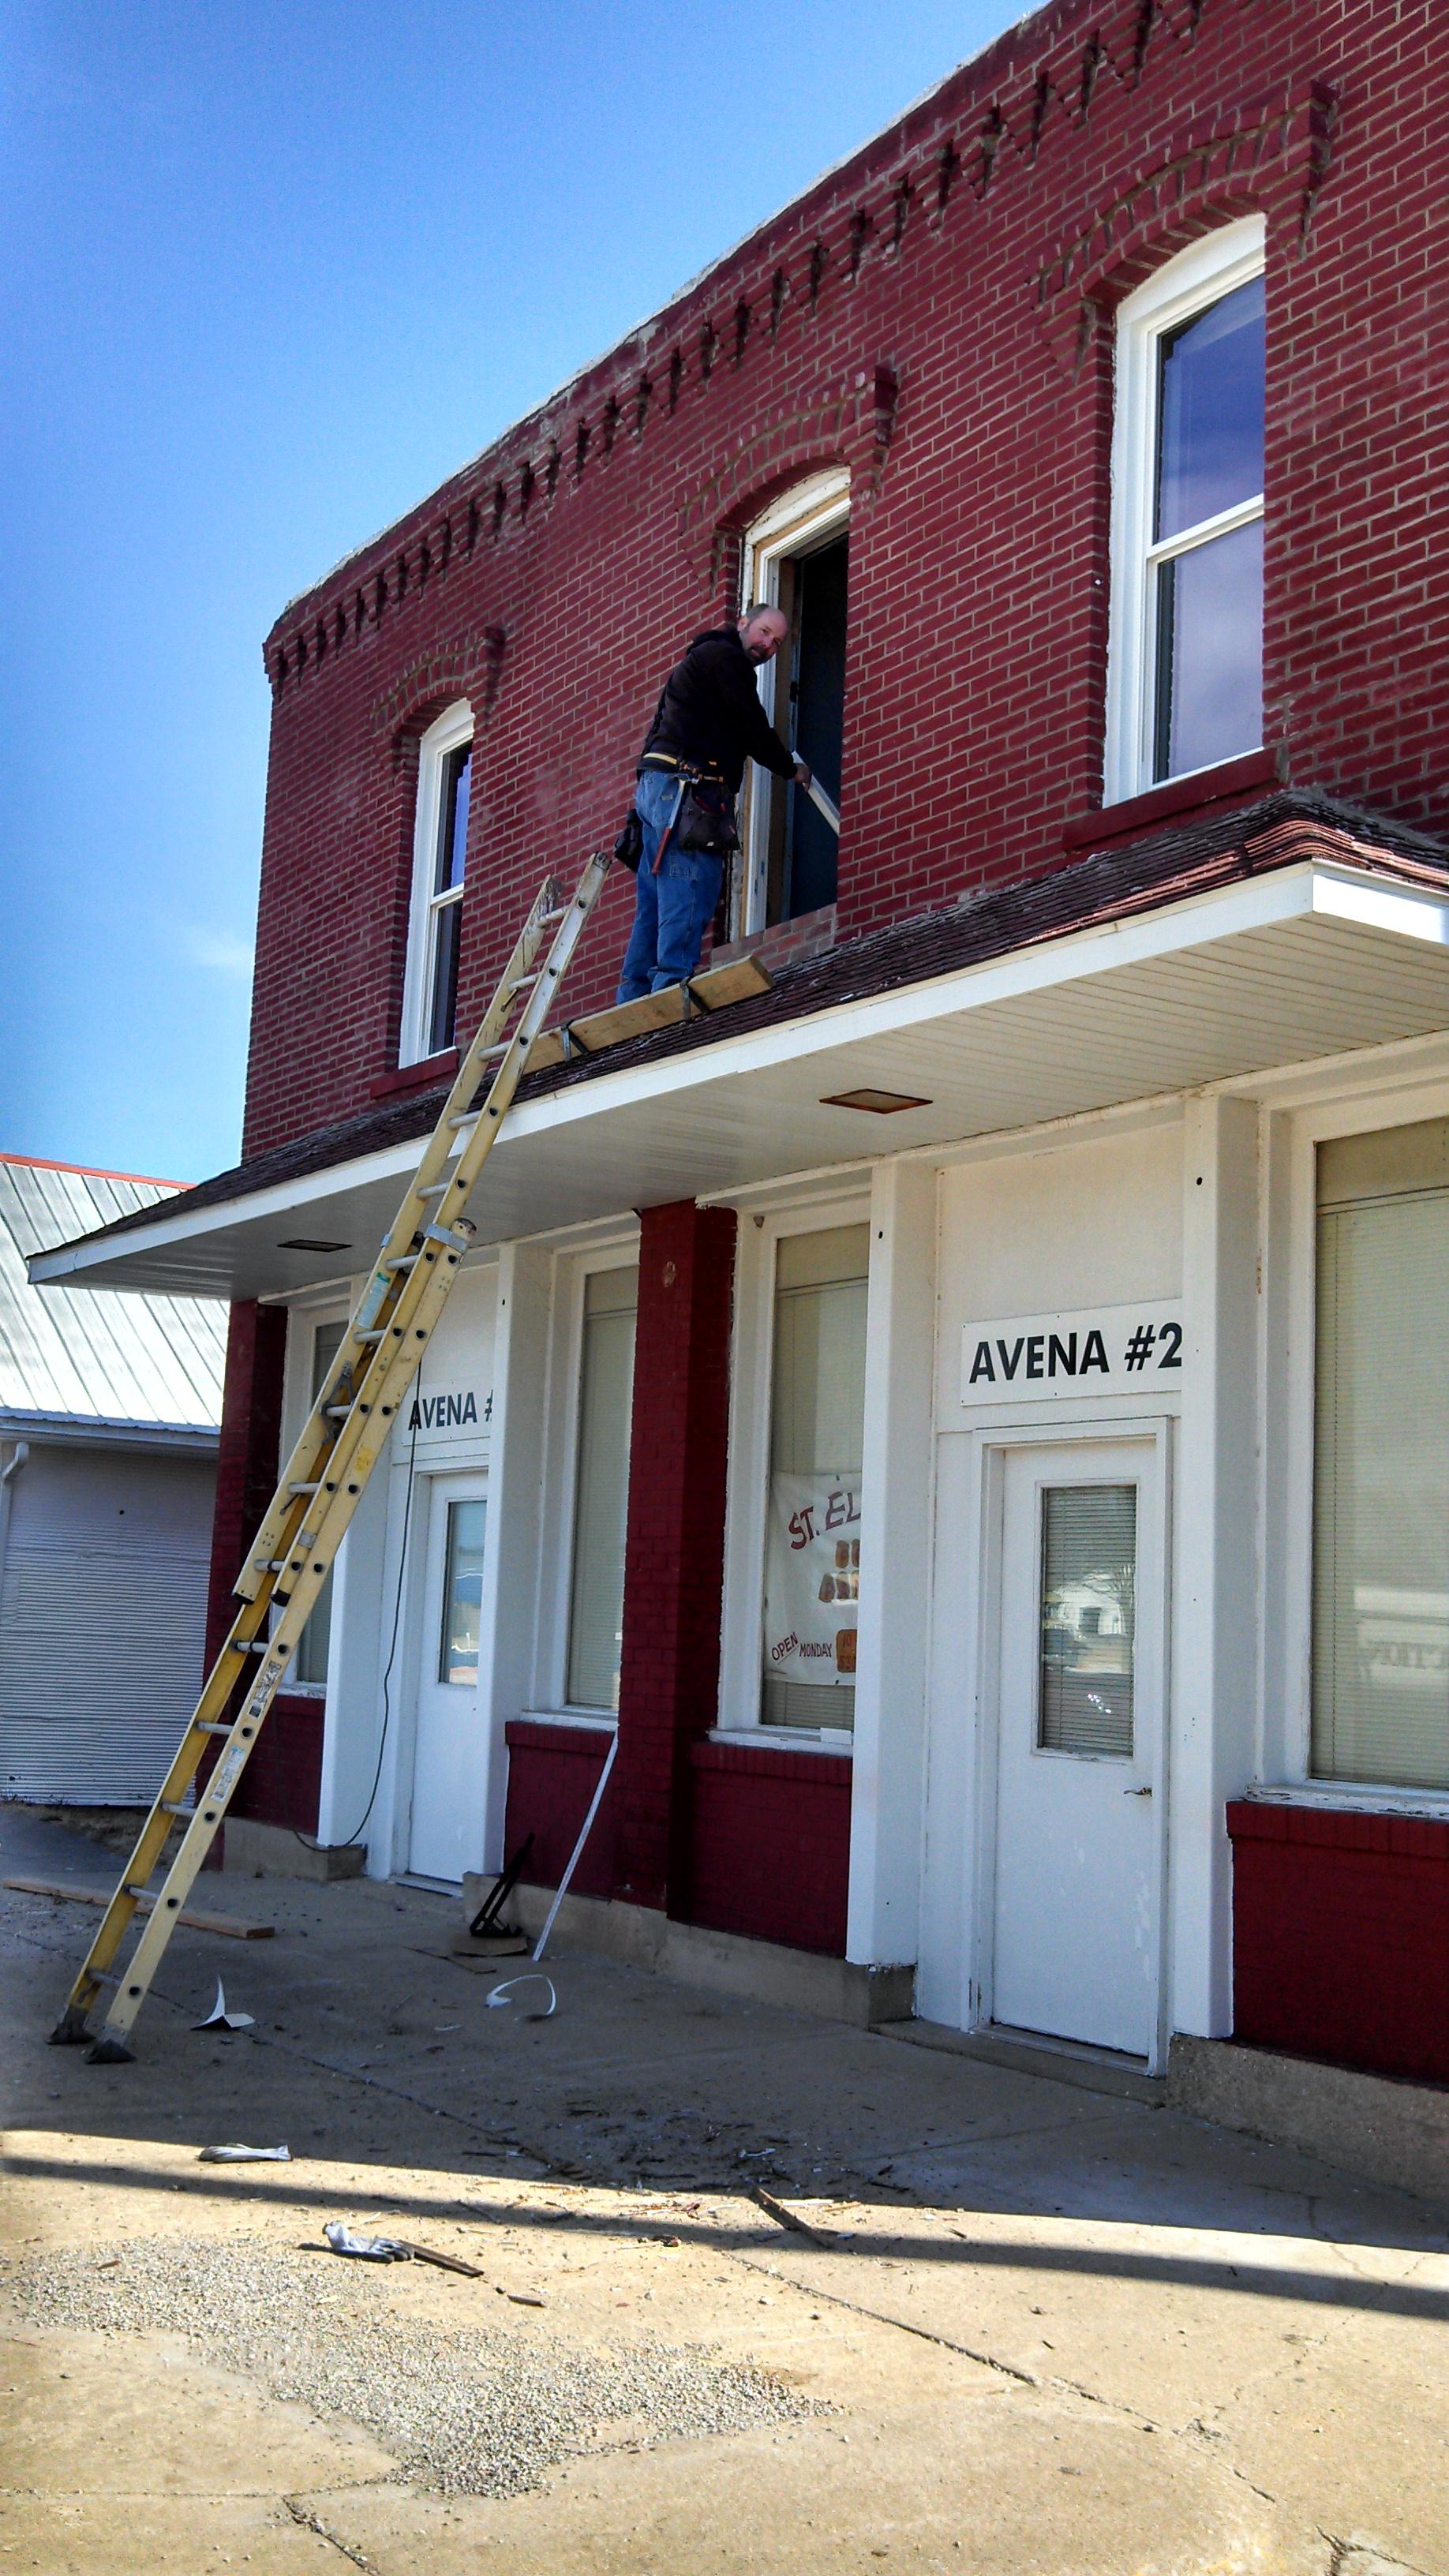 Avena Township Hall